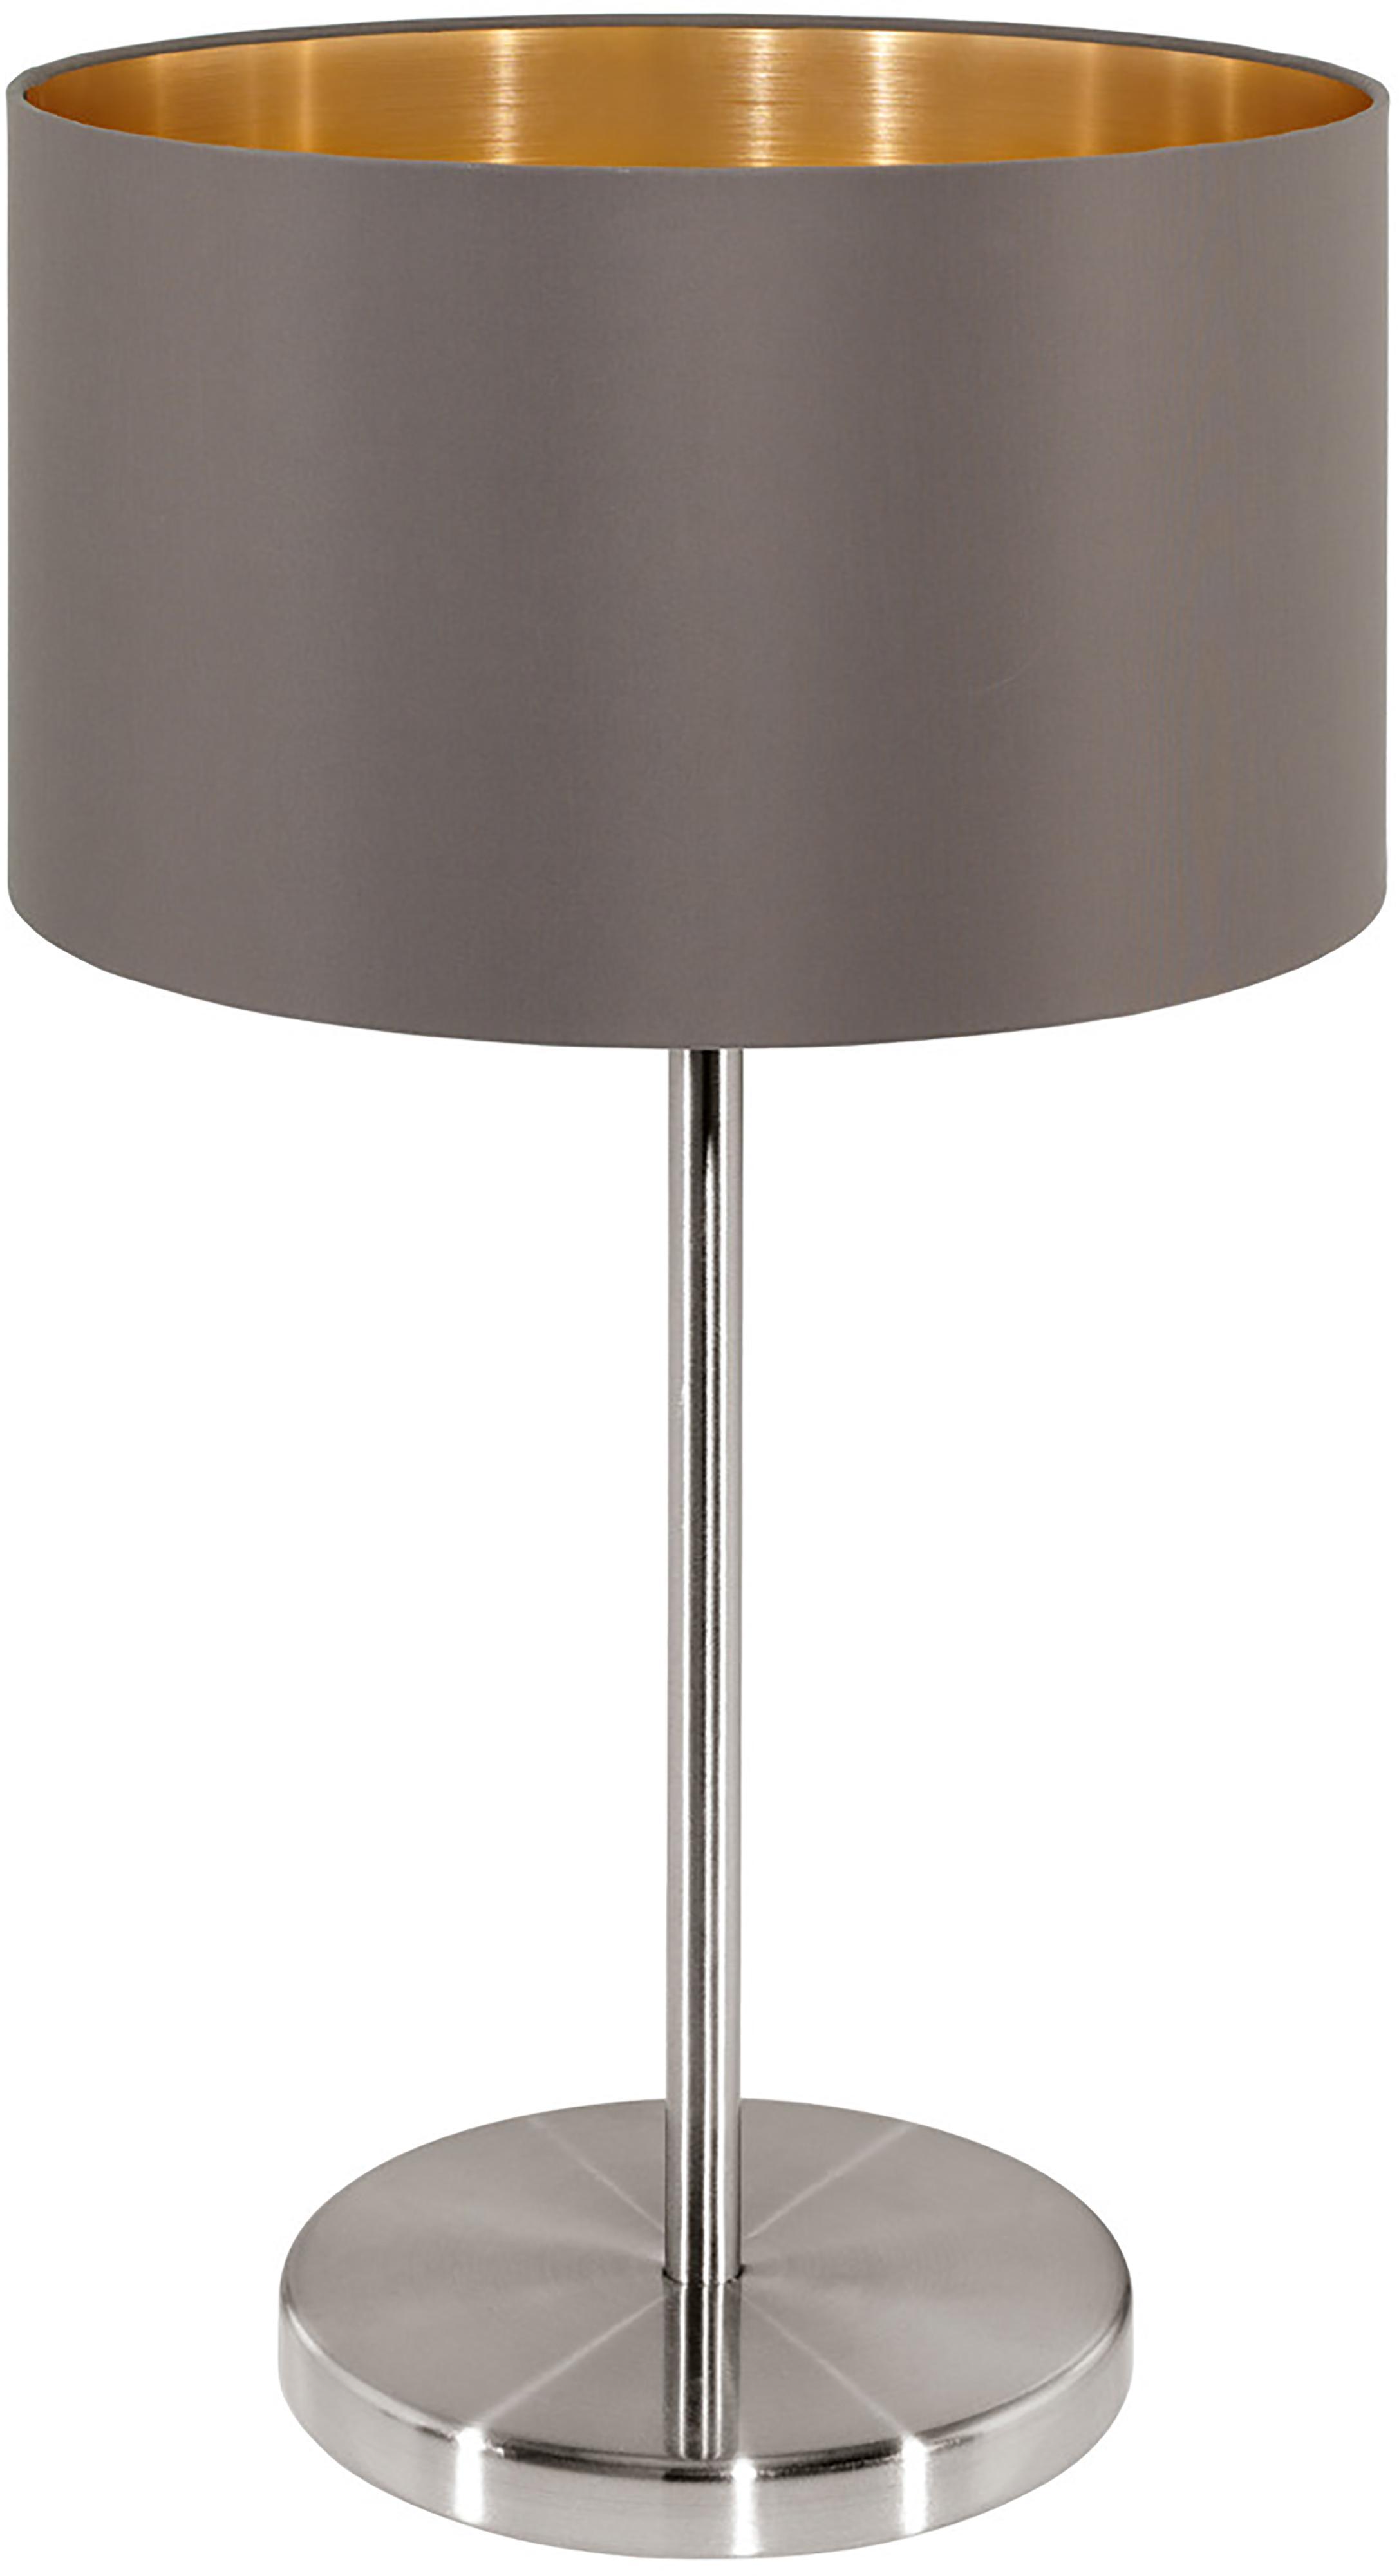 Lampada da tavolo Jamie, Base della lampada: metallo nichelato, Grigio-beige,argento, Ø 23 x Alt. 42 cm